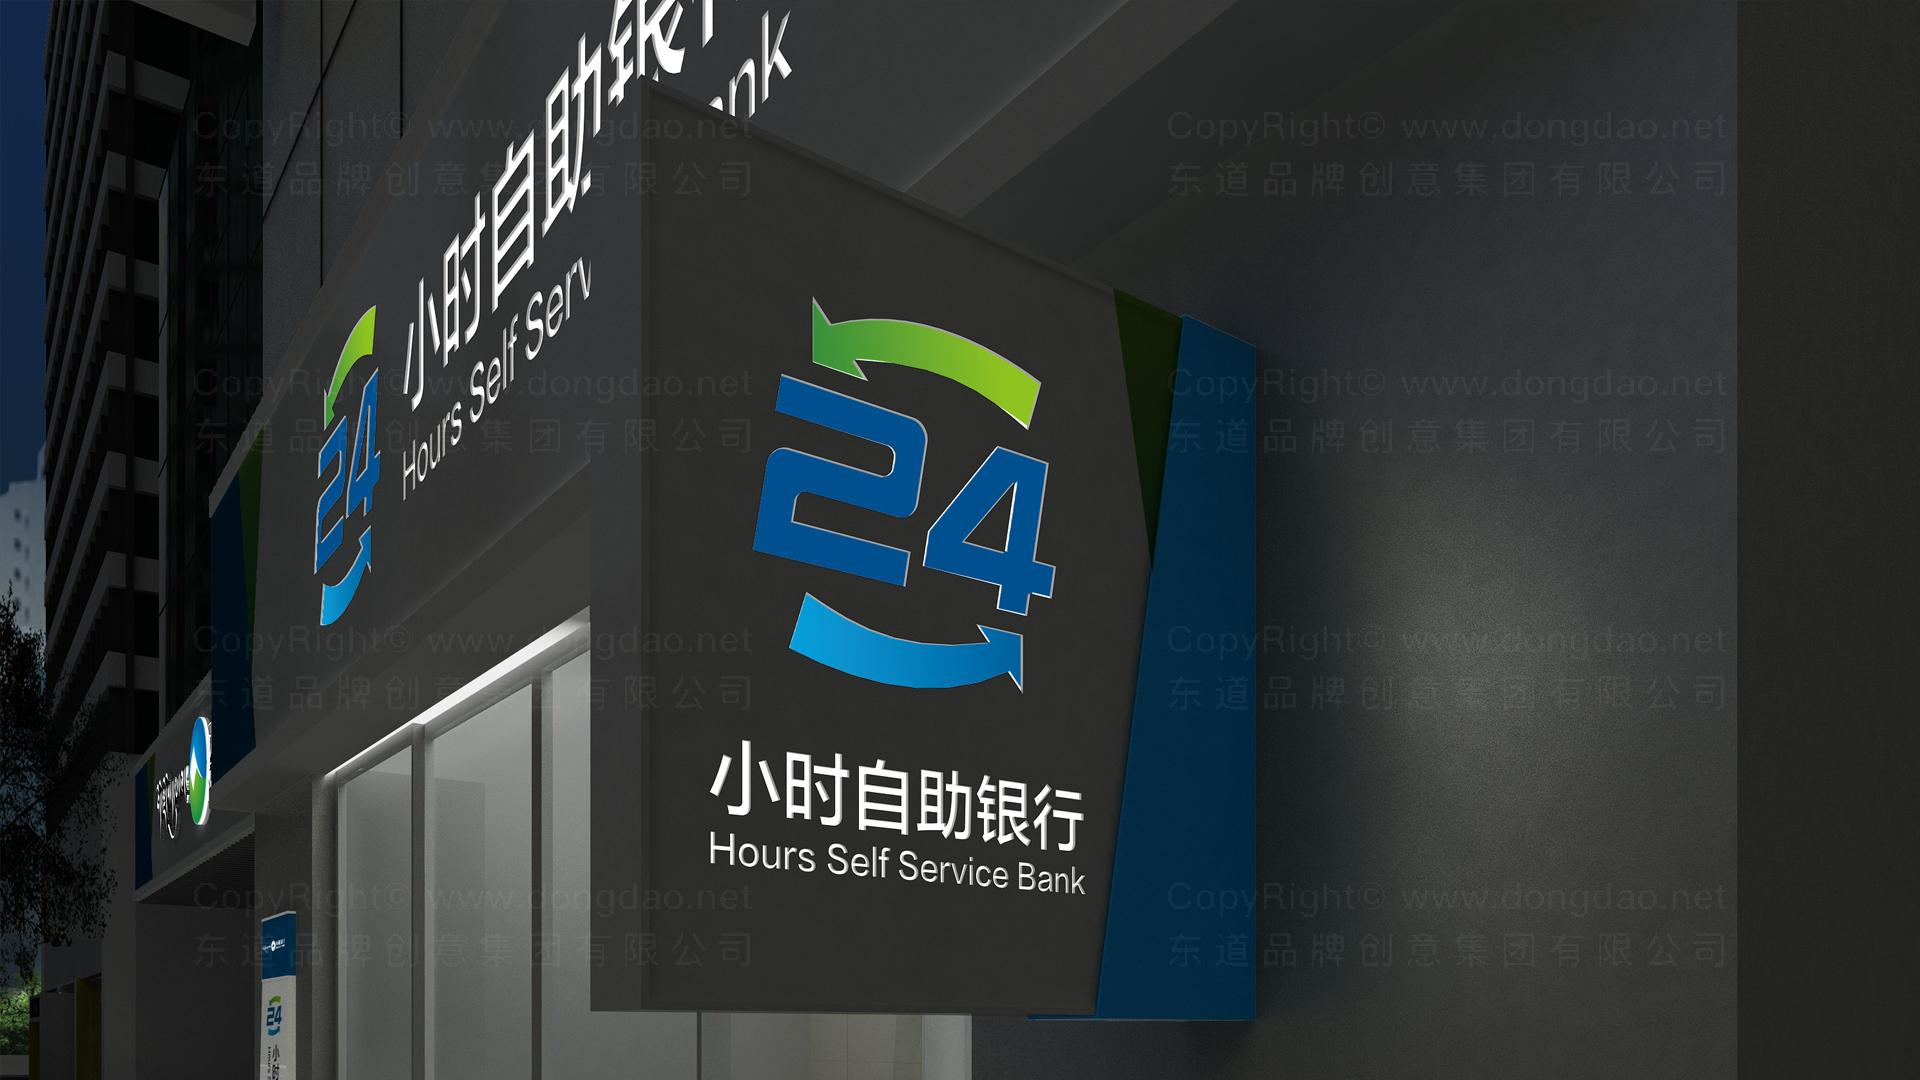 商业空间&导示西藏银行SI设计应用